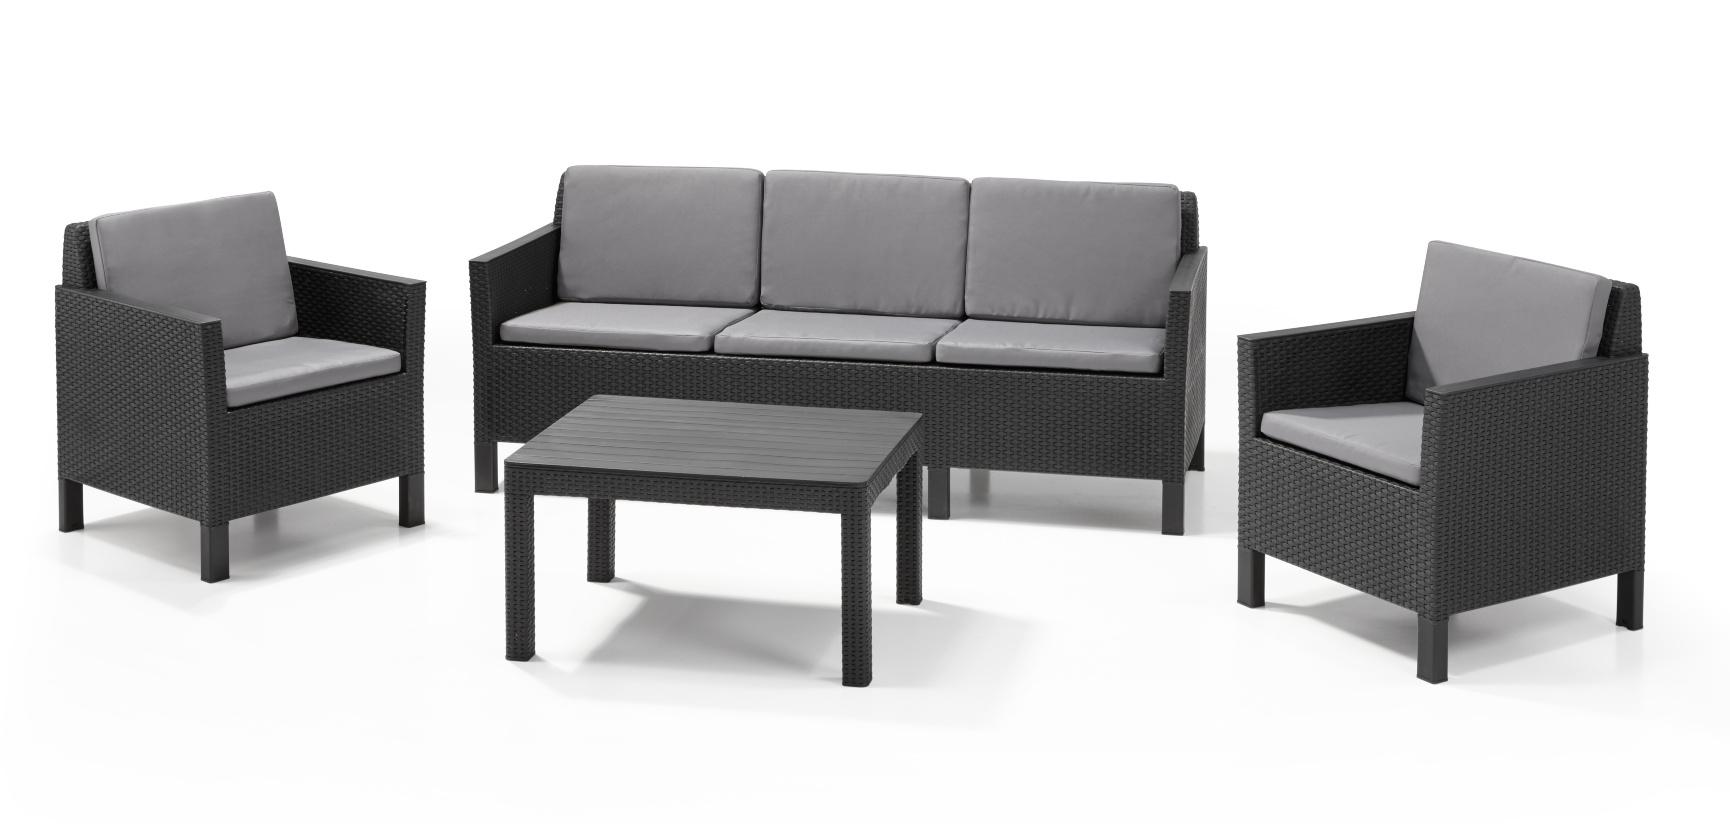 loungeset chicago loungeset 2017. Black Bedroom Furniture Sets. Home Design Ideas